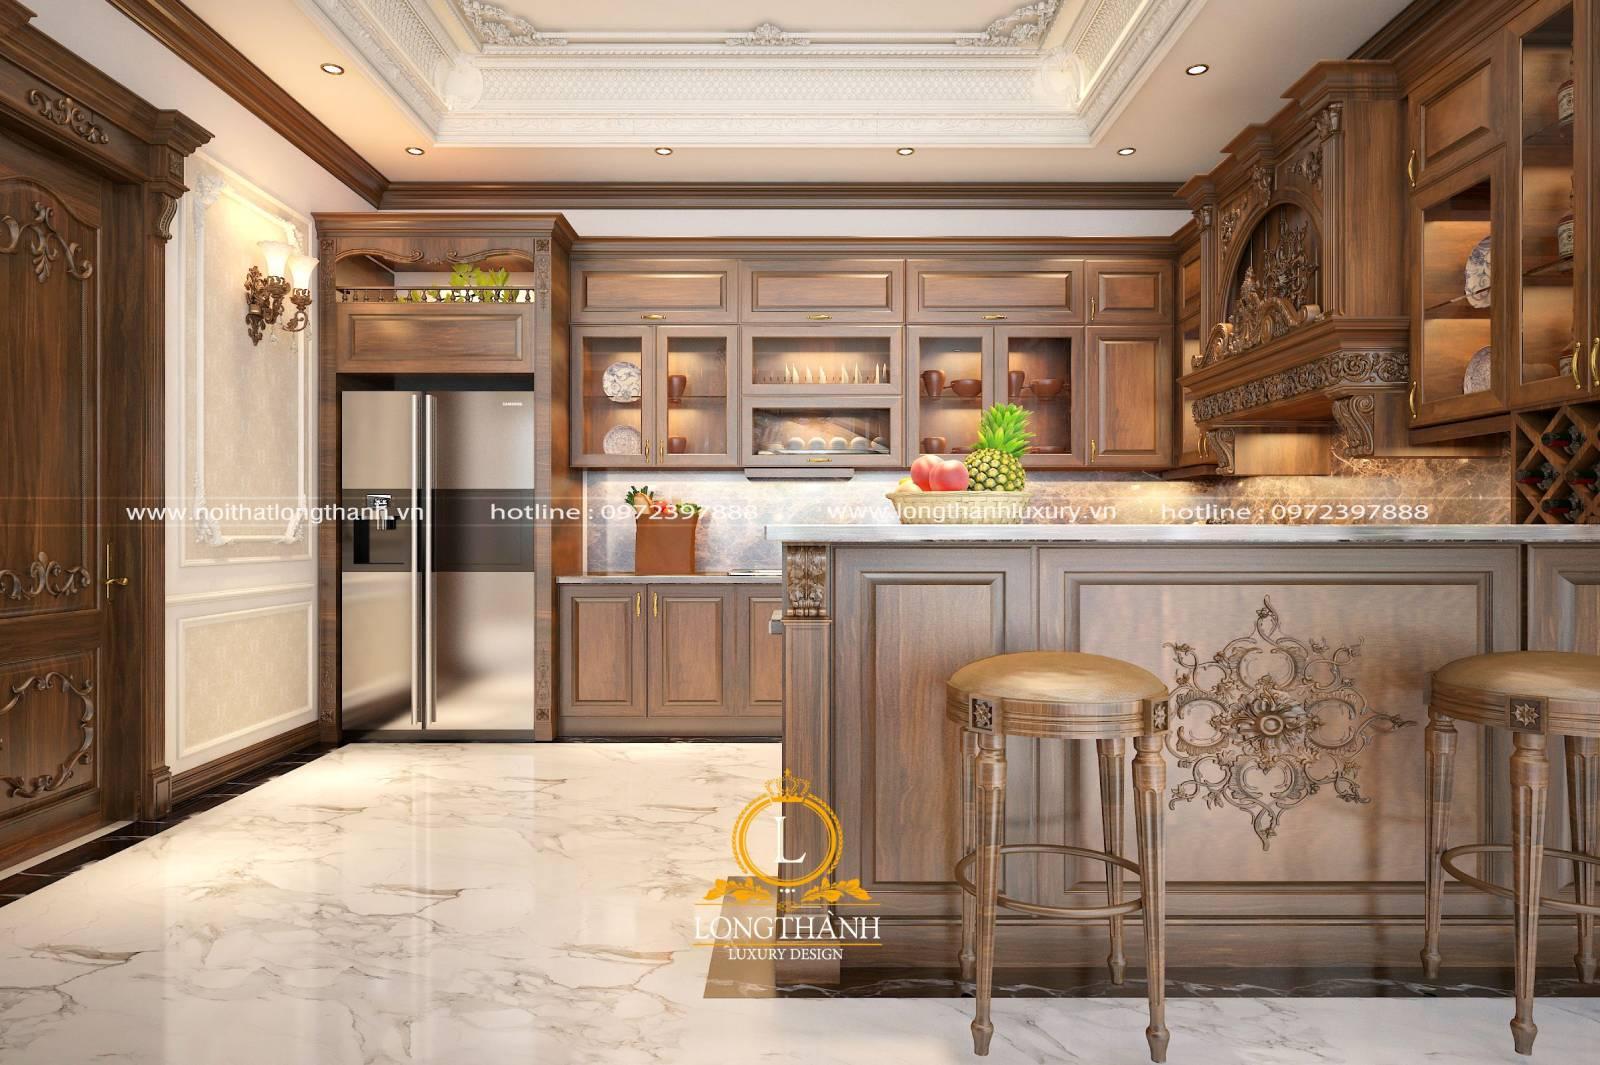 Mẫu tủ bếp gỗ Óc chó đẹp đồng bộ với đồ nội thất trong nhà